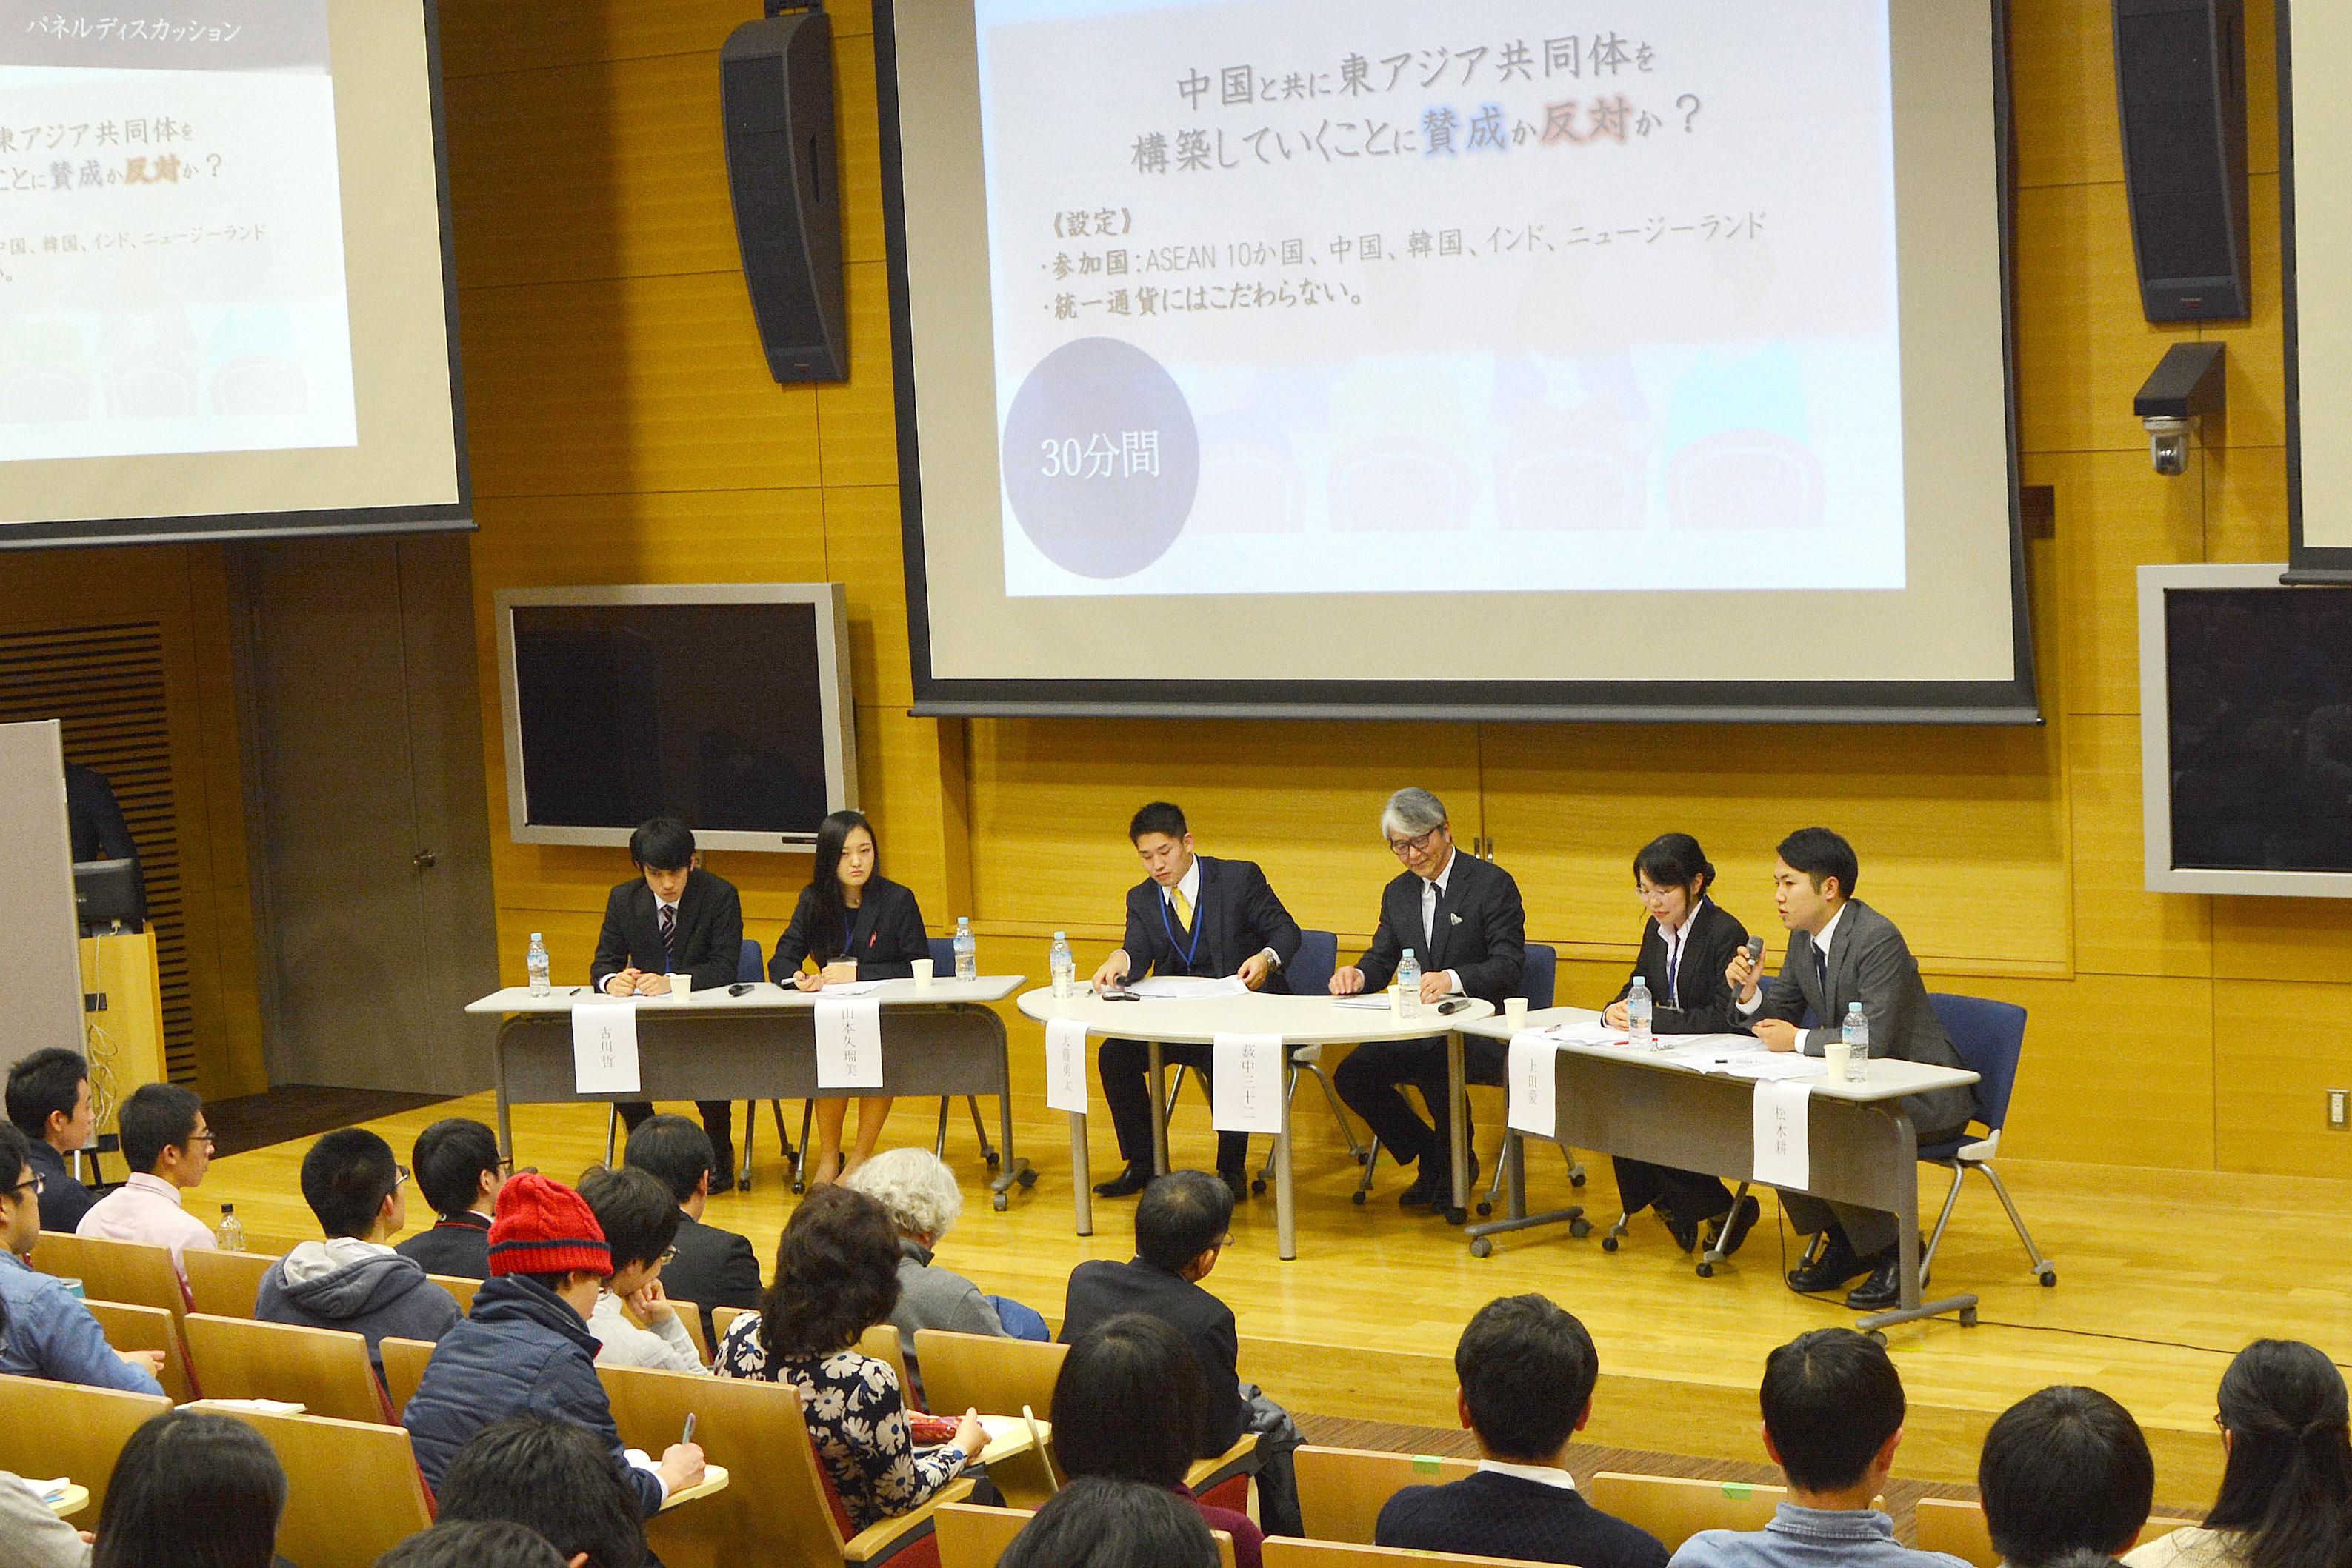 薮中塾グローバル寺子屋の公開イベント